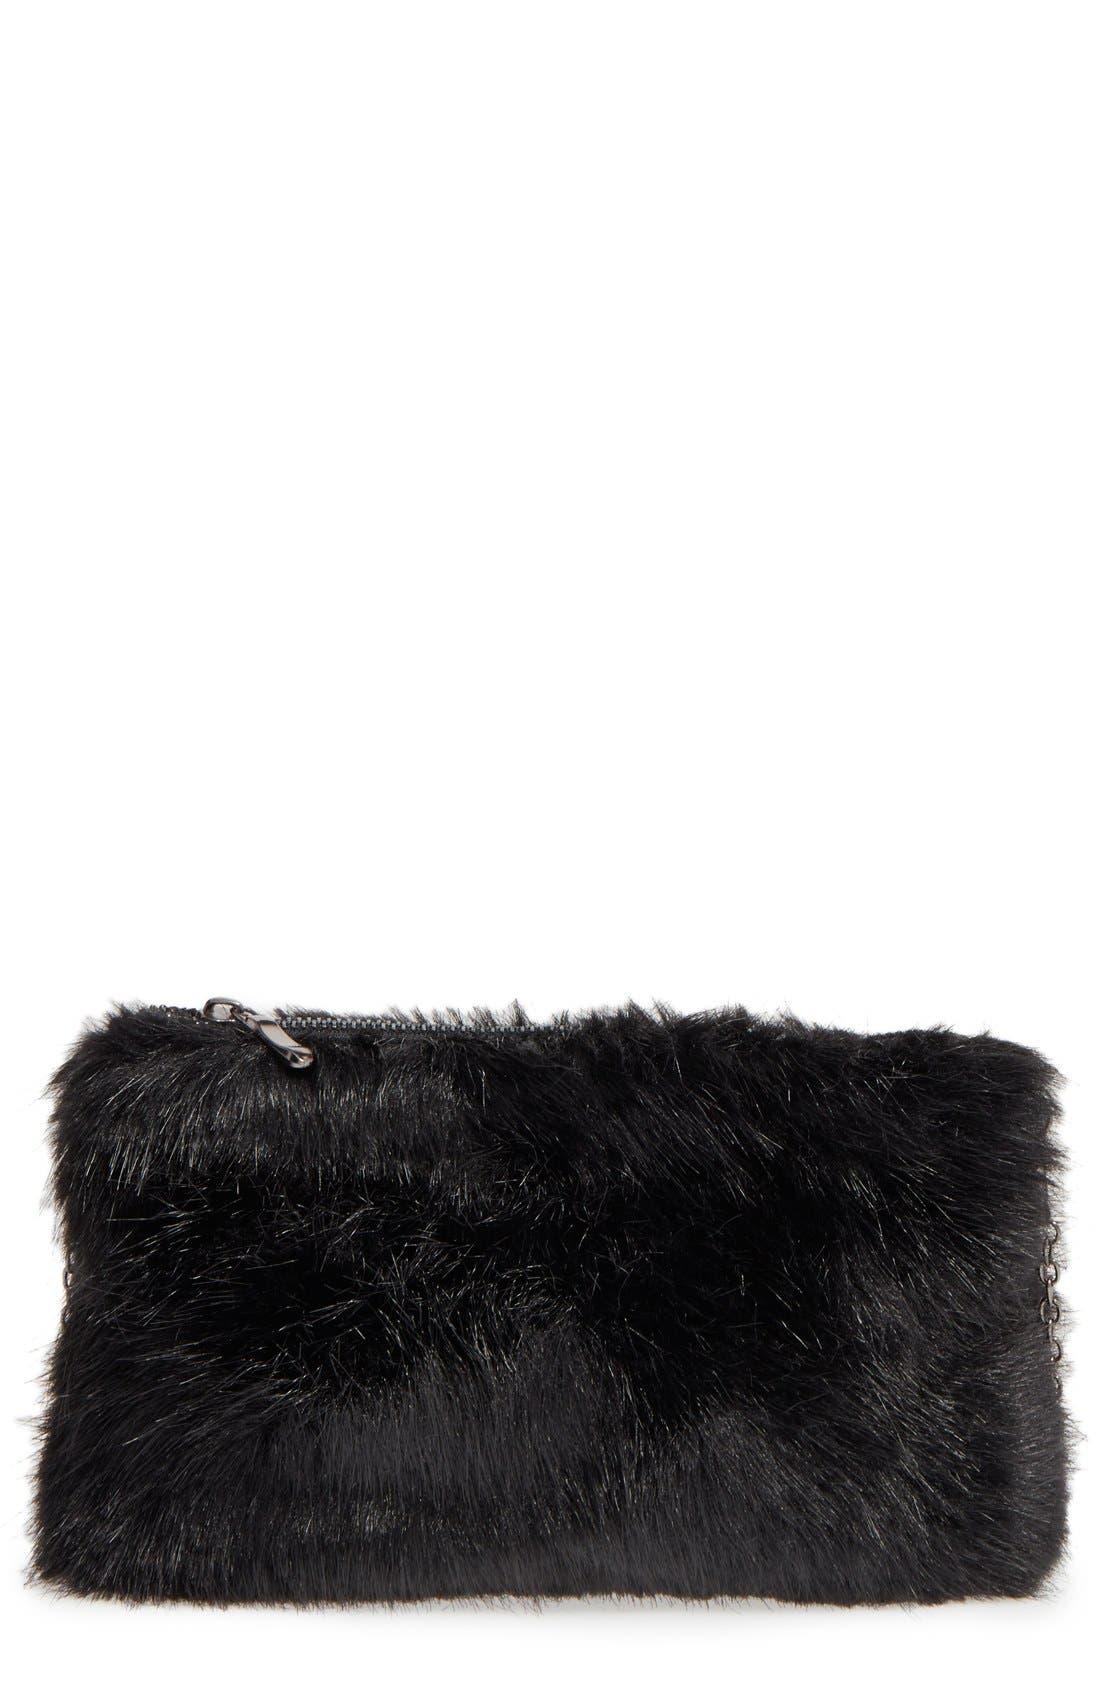 Main Image - BP. Faux Fur Clutch